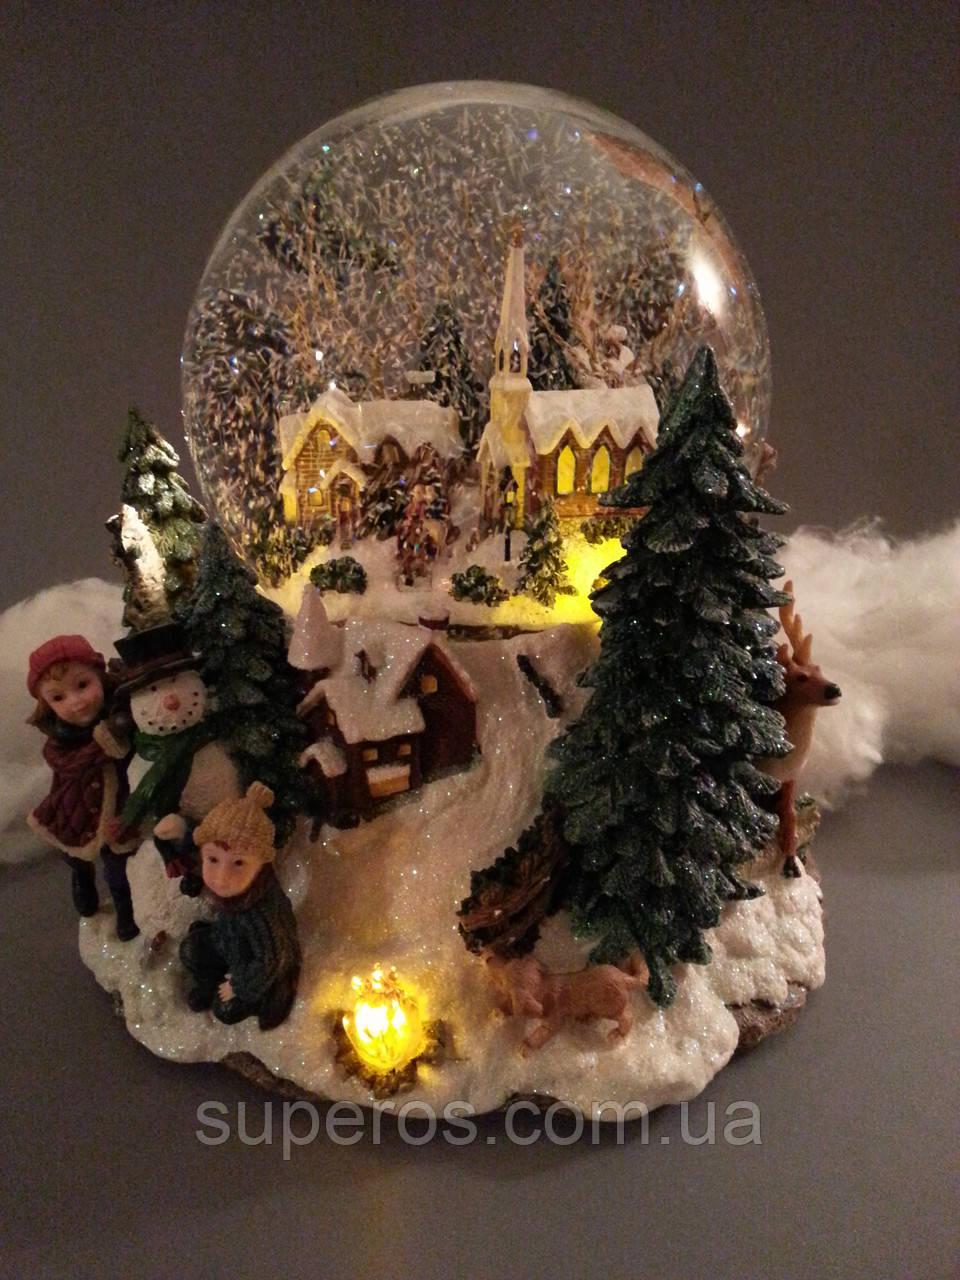 Стеклянный музыкальный шар с автоснегом и подсветкой